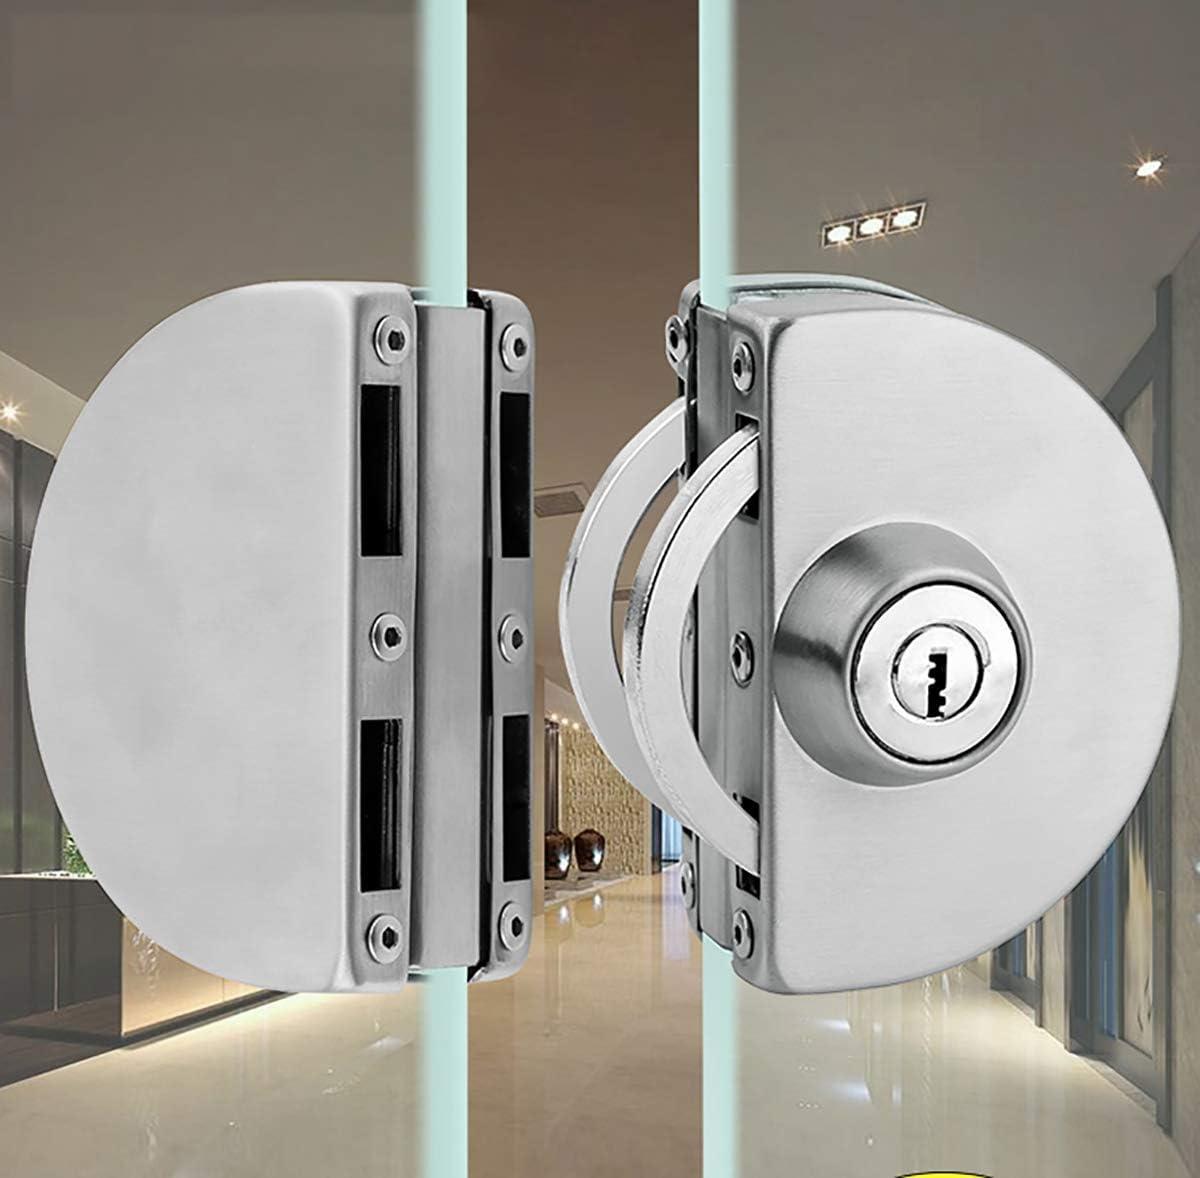 Qrity Cerradura para puerta de cristal, Cerradura de seguridad antirrobo de la puerta de cristal del acero inoxidable 8~12mm con las llaves Abra/cierre el uso casero del cuarto